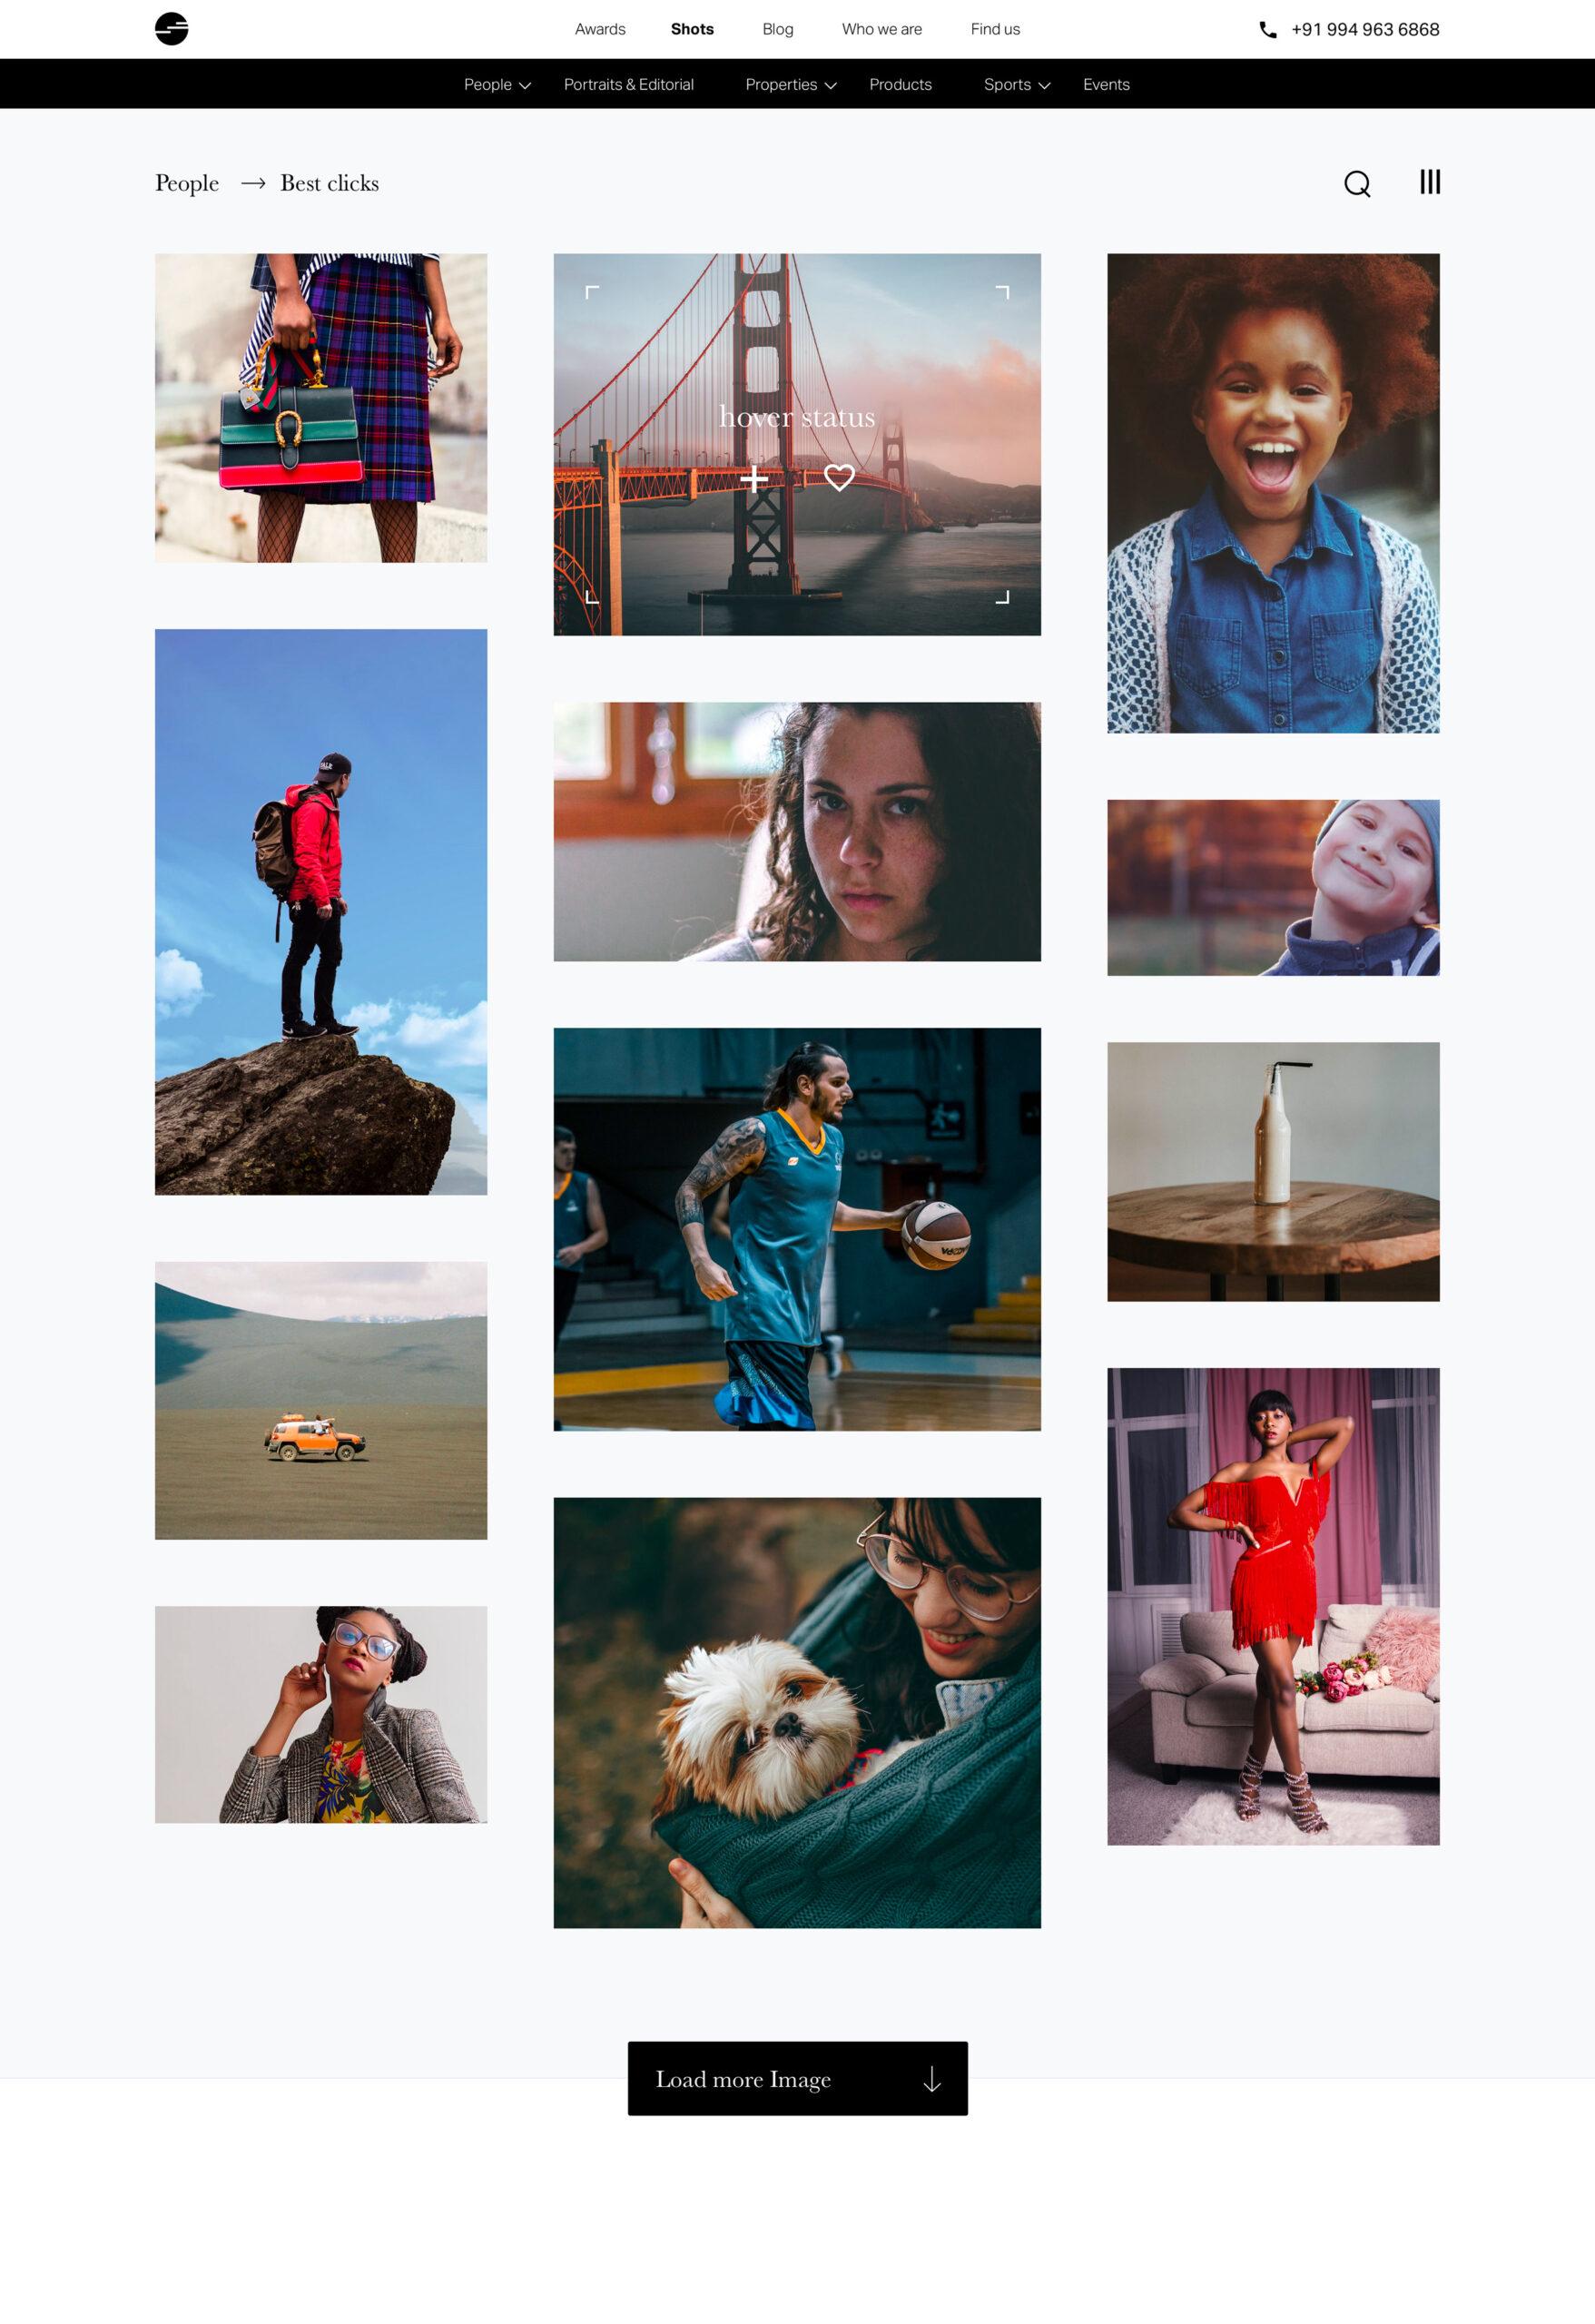 摄影师作品集网站设计模板插图3